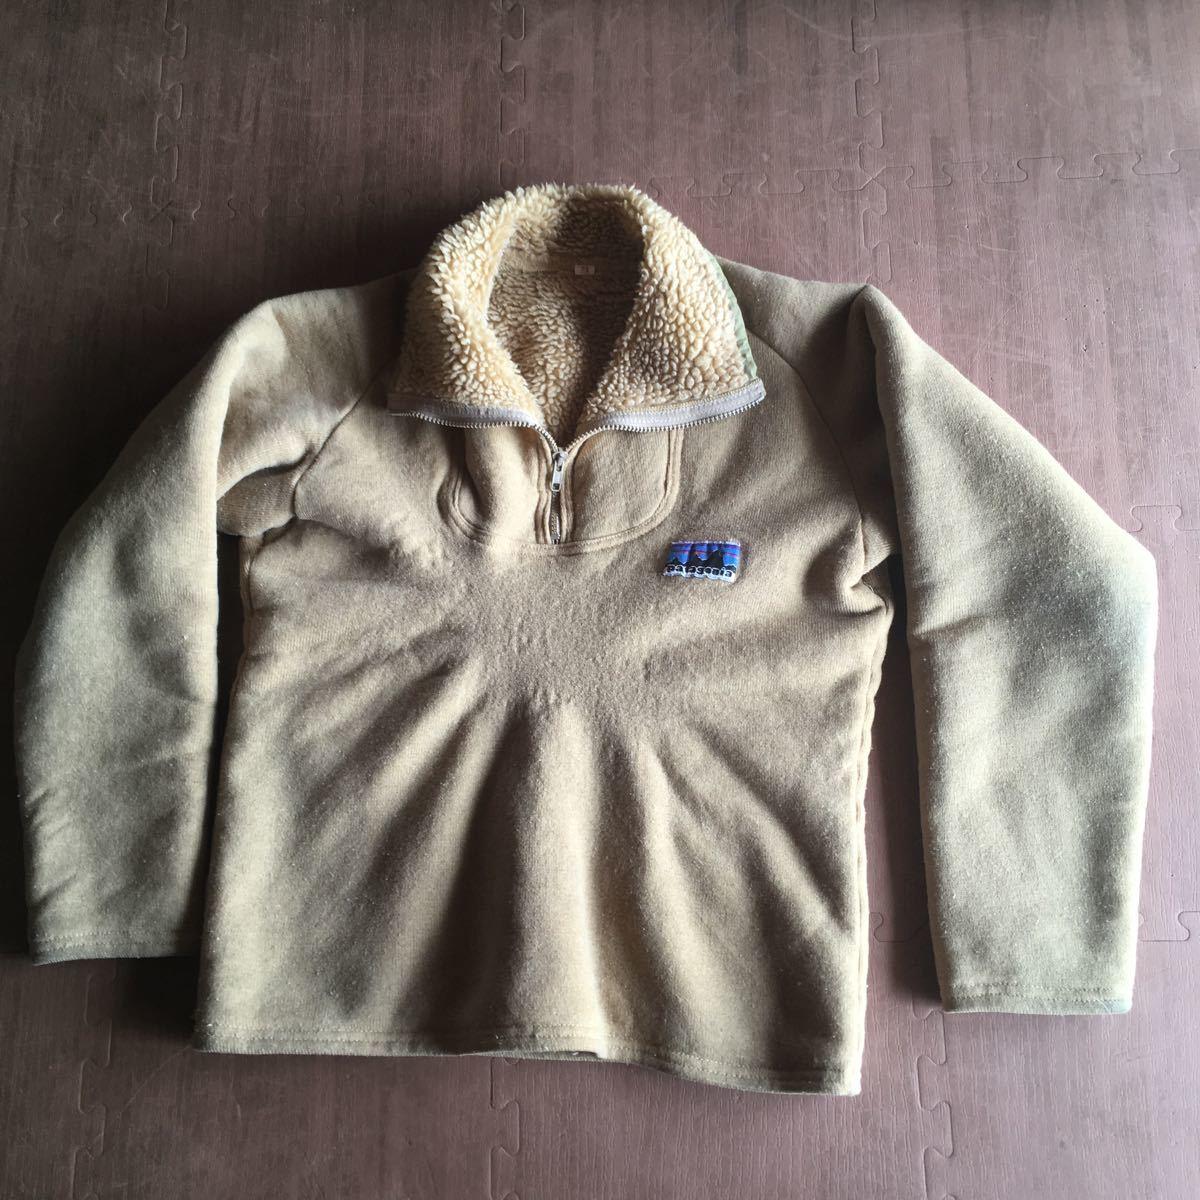 70s patagonia 白タグ パイル プルオーバー ジャケット ビンテージ オリジナル デカタグ vintage YKK / レトロ mars シュイナード サーフ_画像2